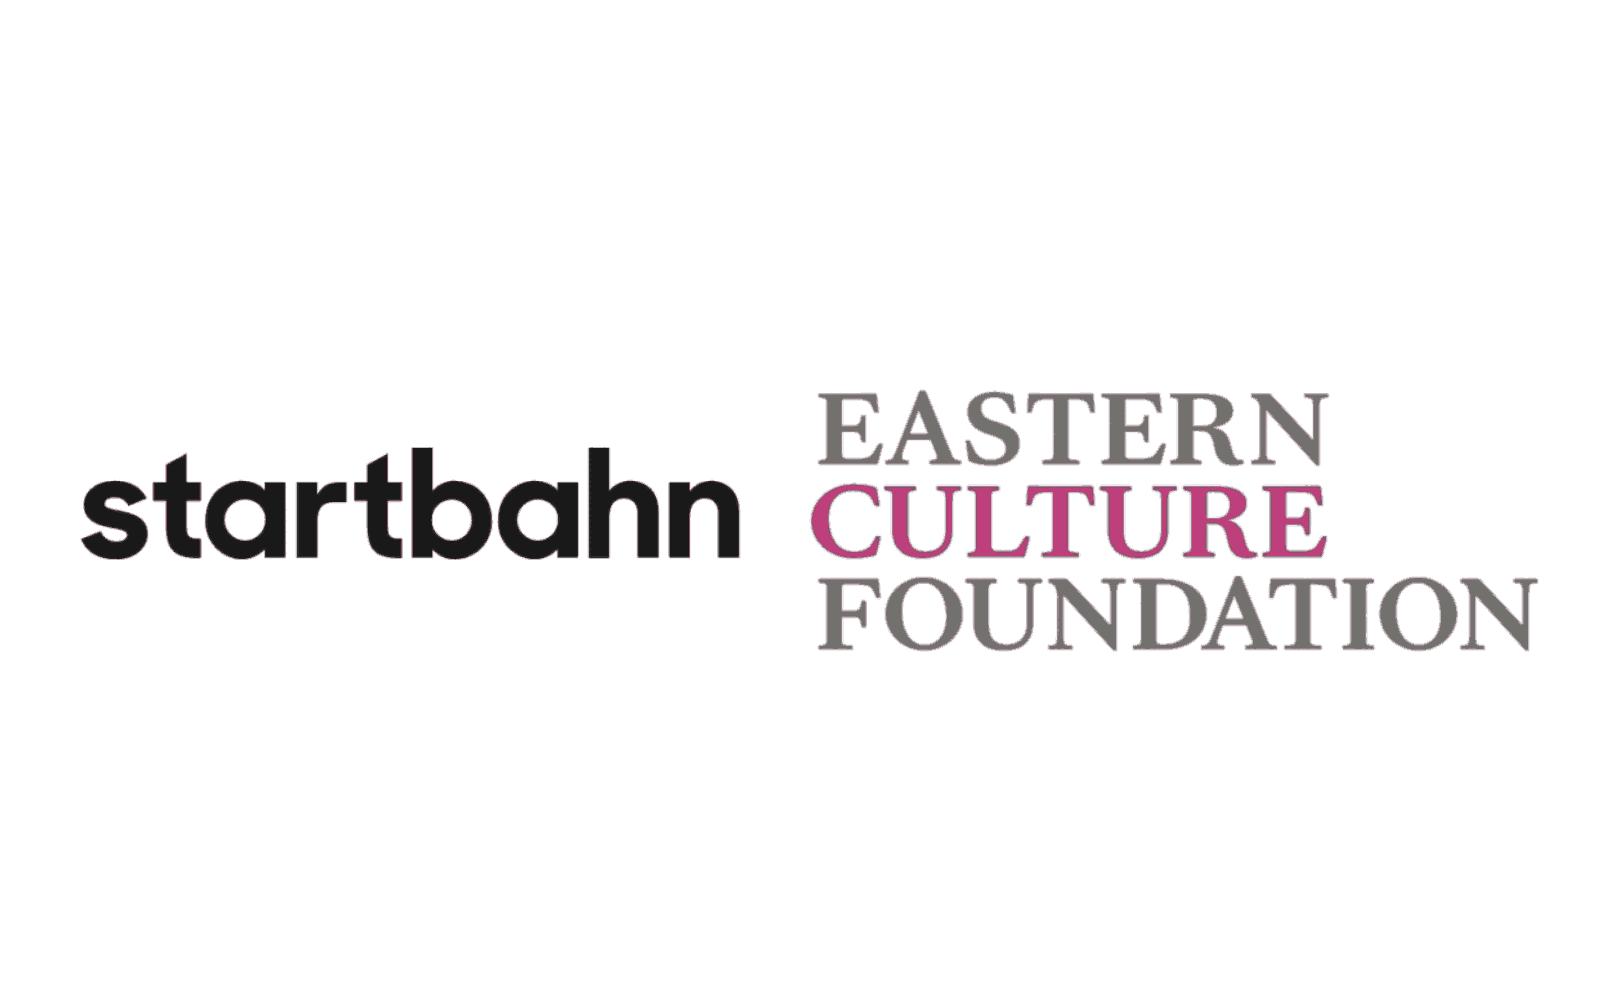 [プレスリリース]スタートバーンと東方文化支援財団、ボーダレスな文化創造活動支援を目指し、共同事業展開に向けて事業提携